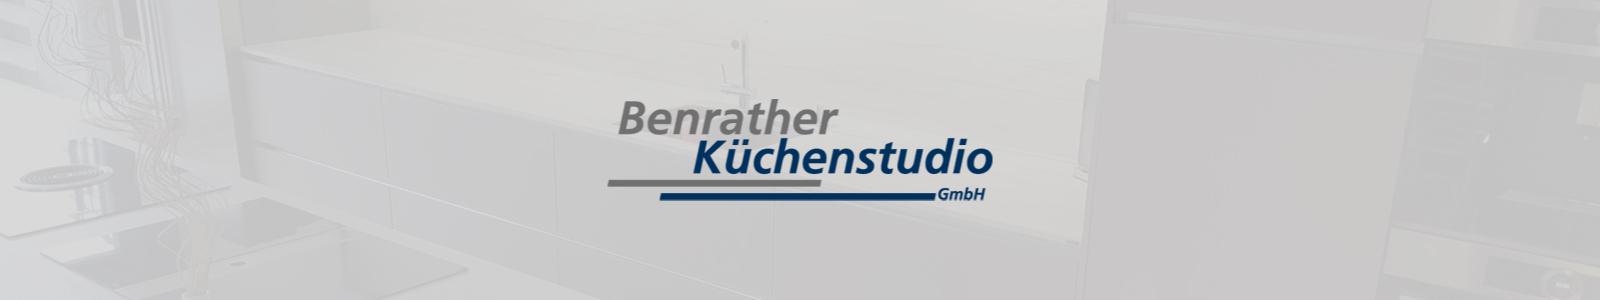 Benrather Kuchenstudio Gmbh In Dusseldorf Kuchenstudio Kuchenplanung